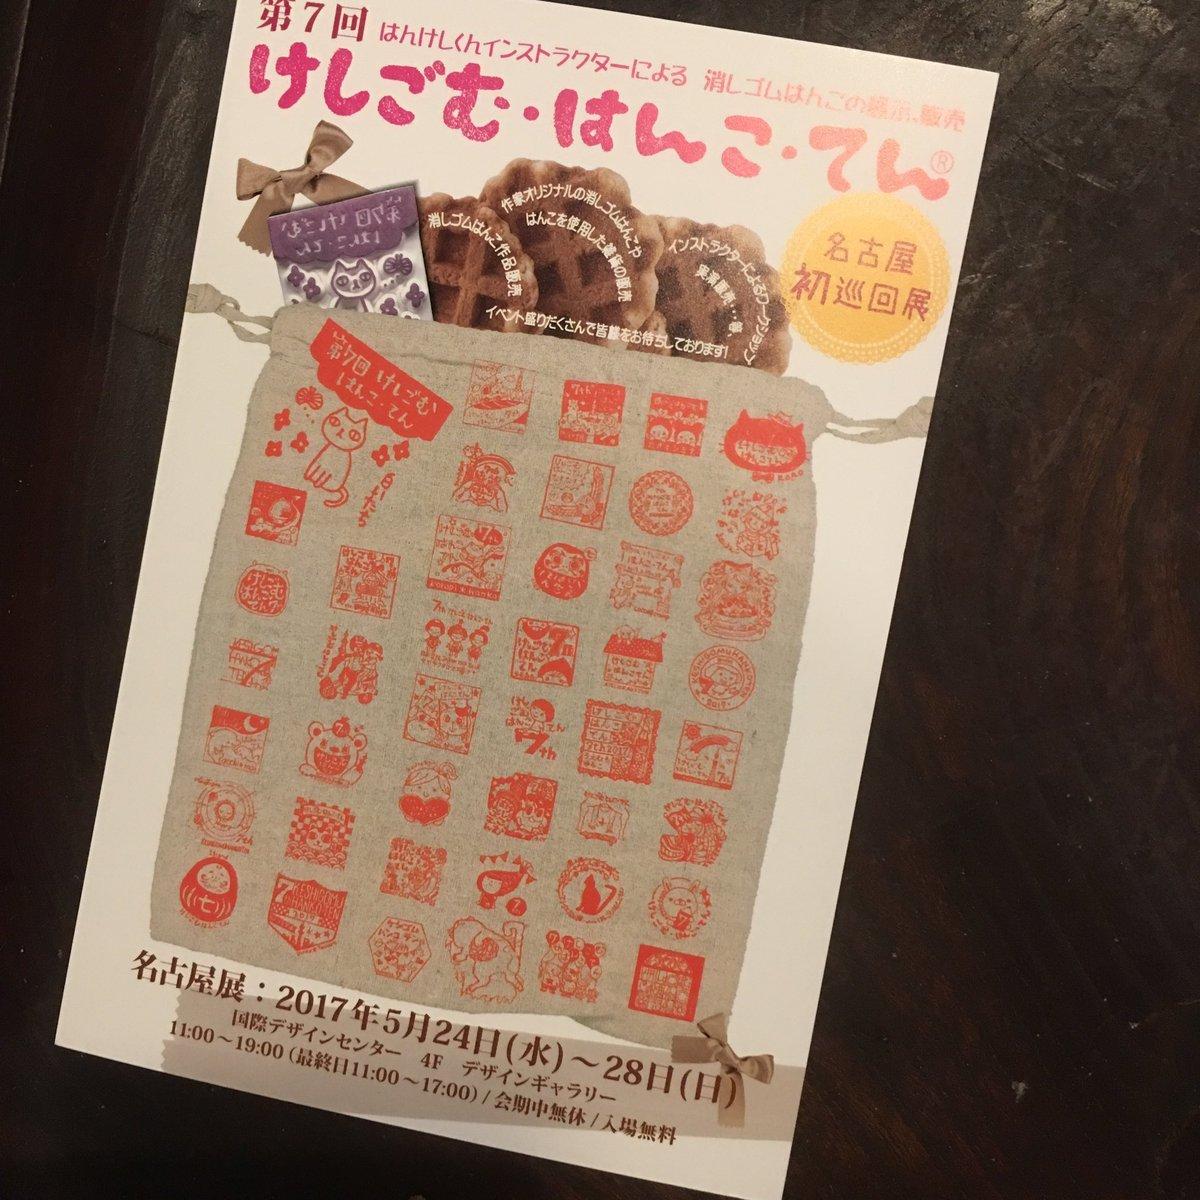 けしごむ・はんこ・てん 名古屋展初開催!!_c0154210_12274161.jpg